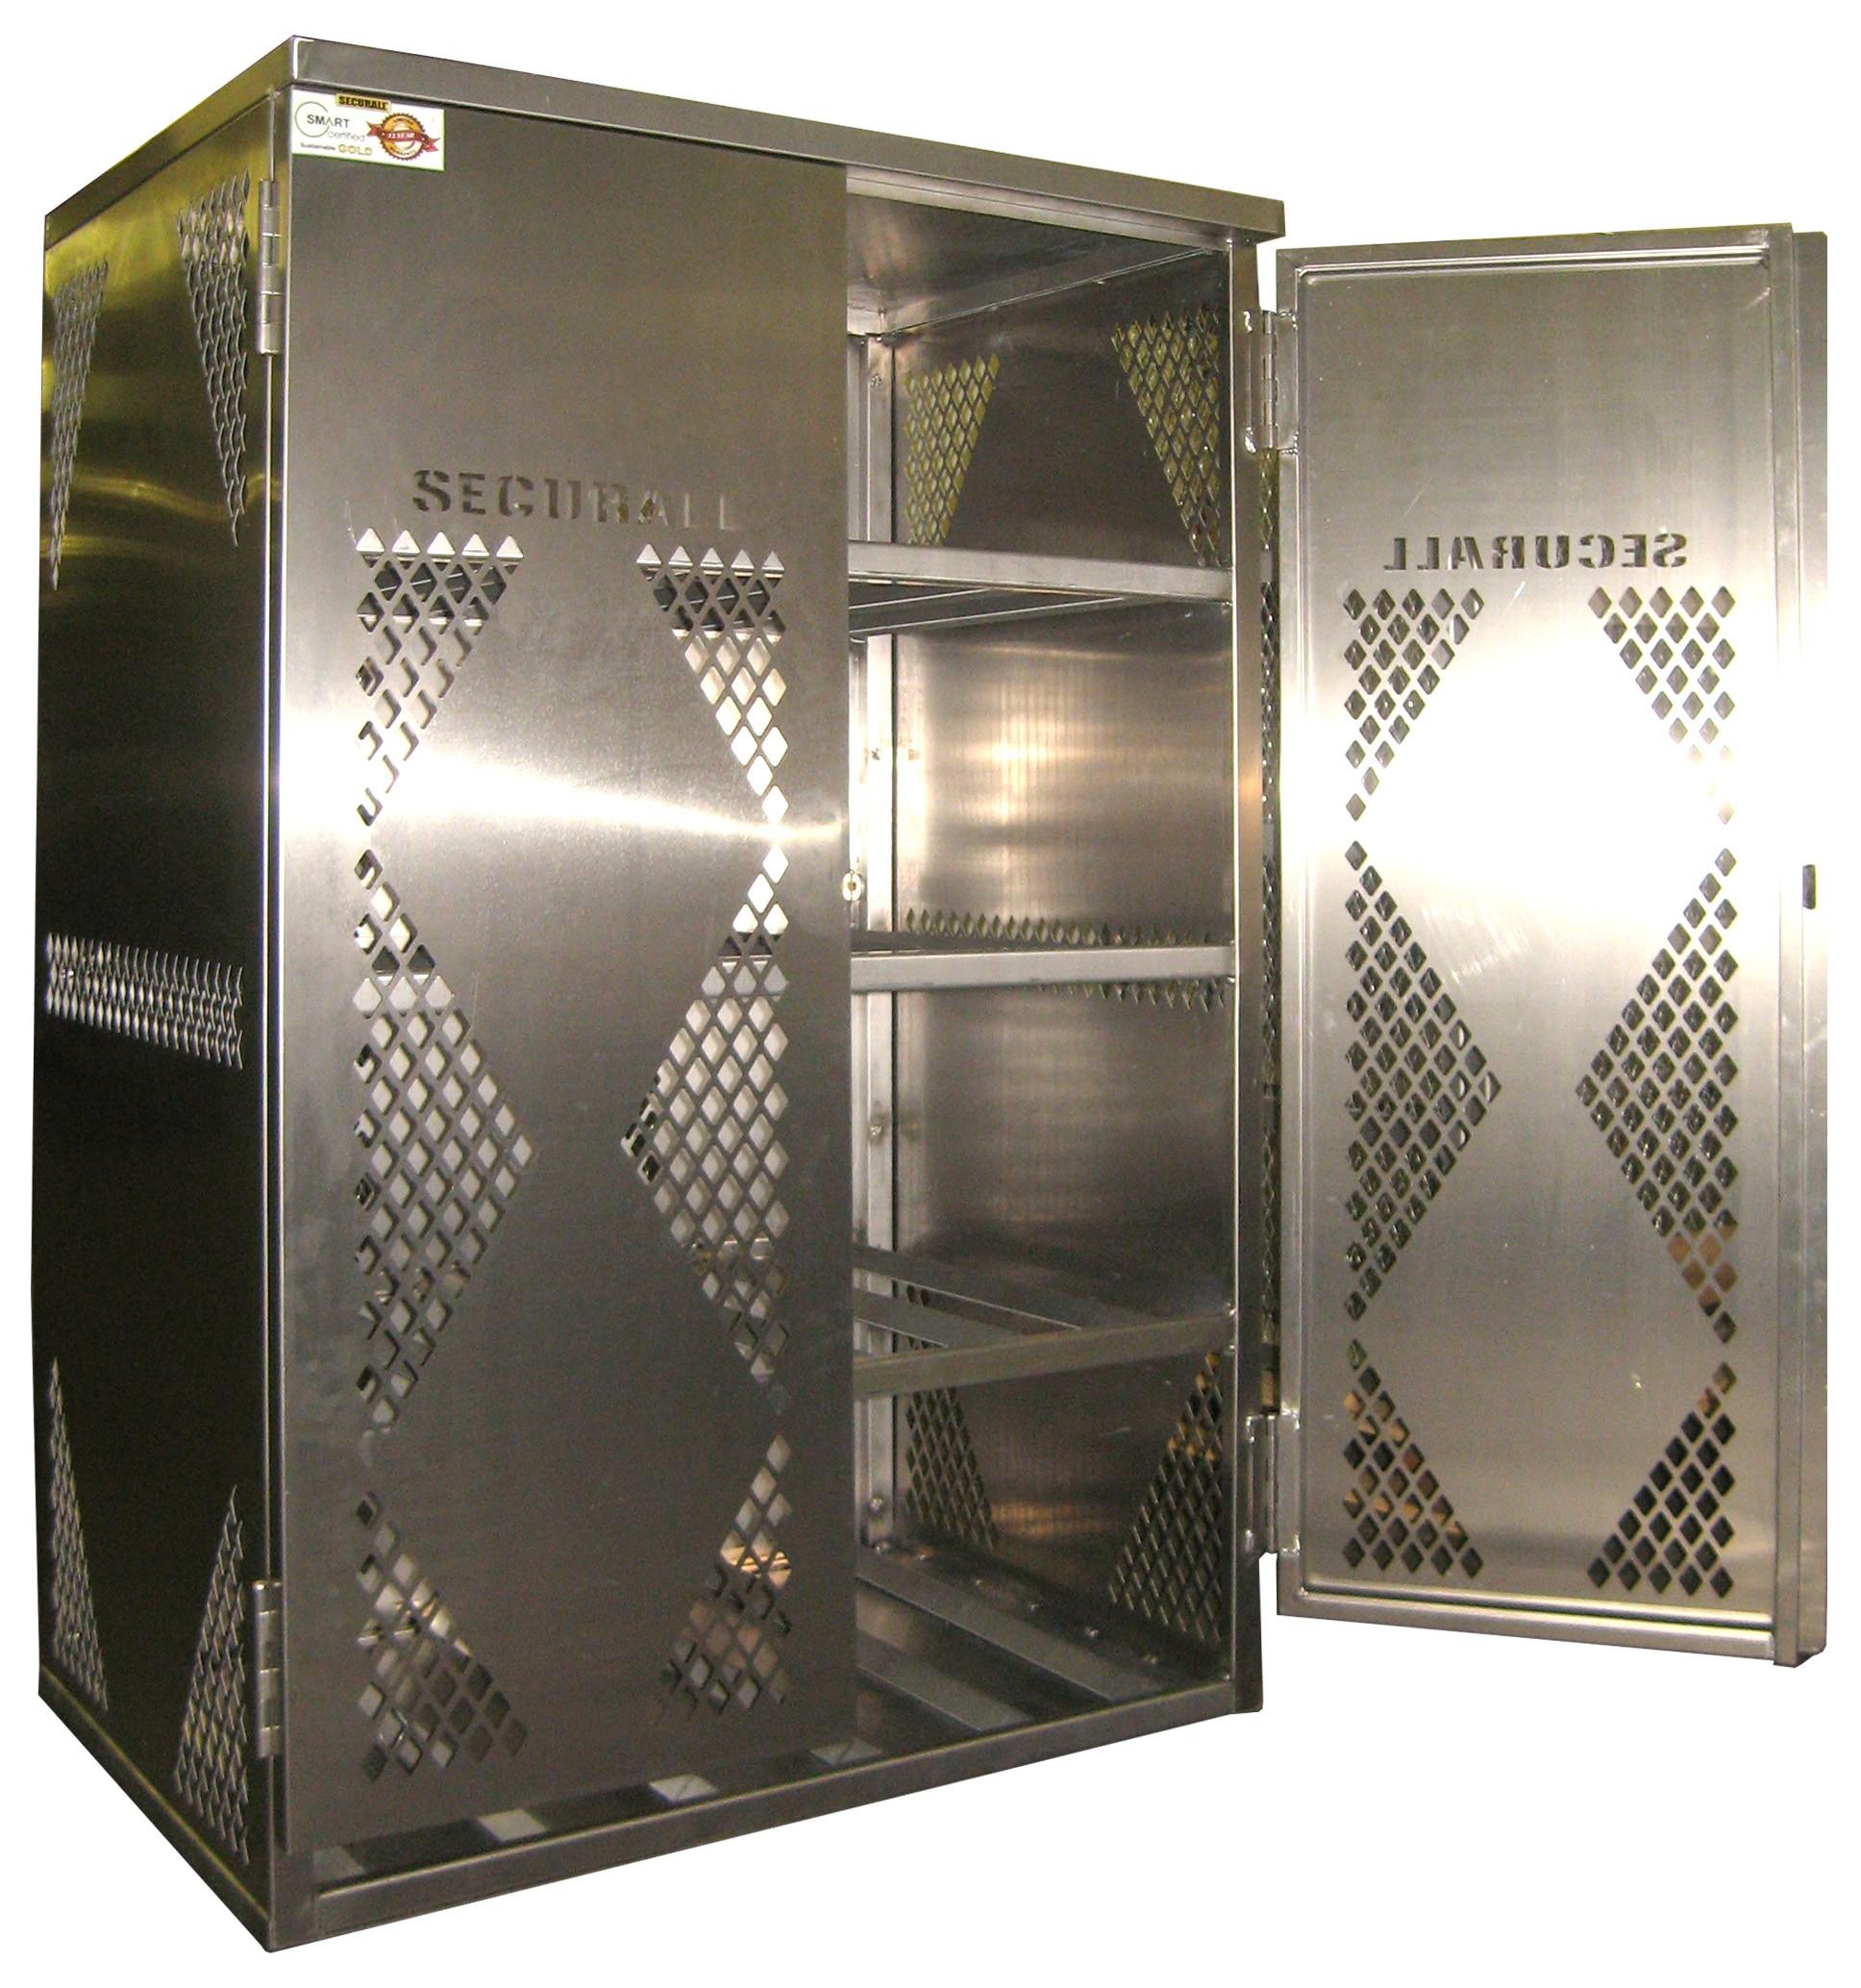 LP12-Steel - LP/Oxygen Storage Cabinet - 12 Cyl. Horizontal Standard 2-Door